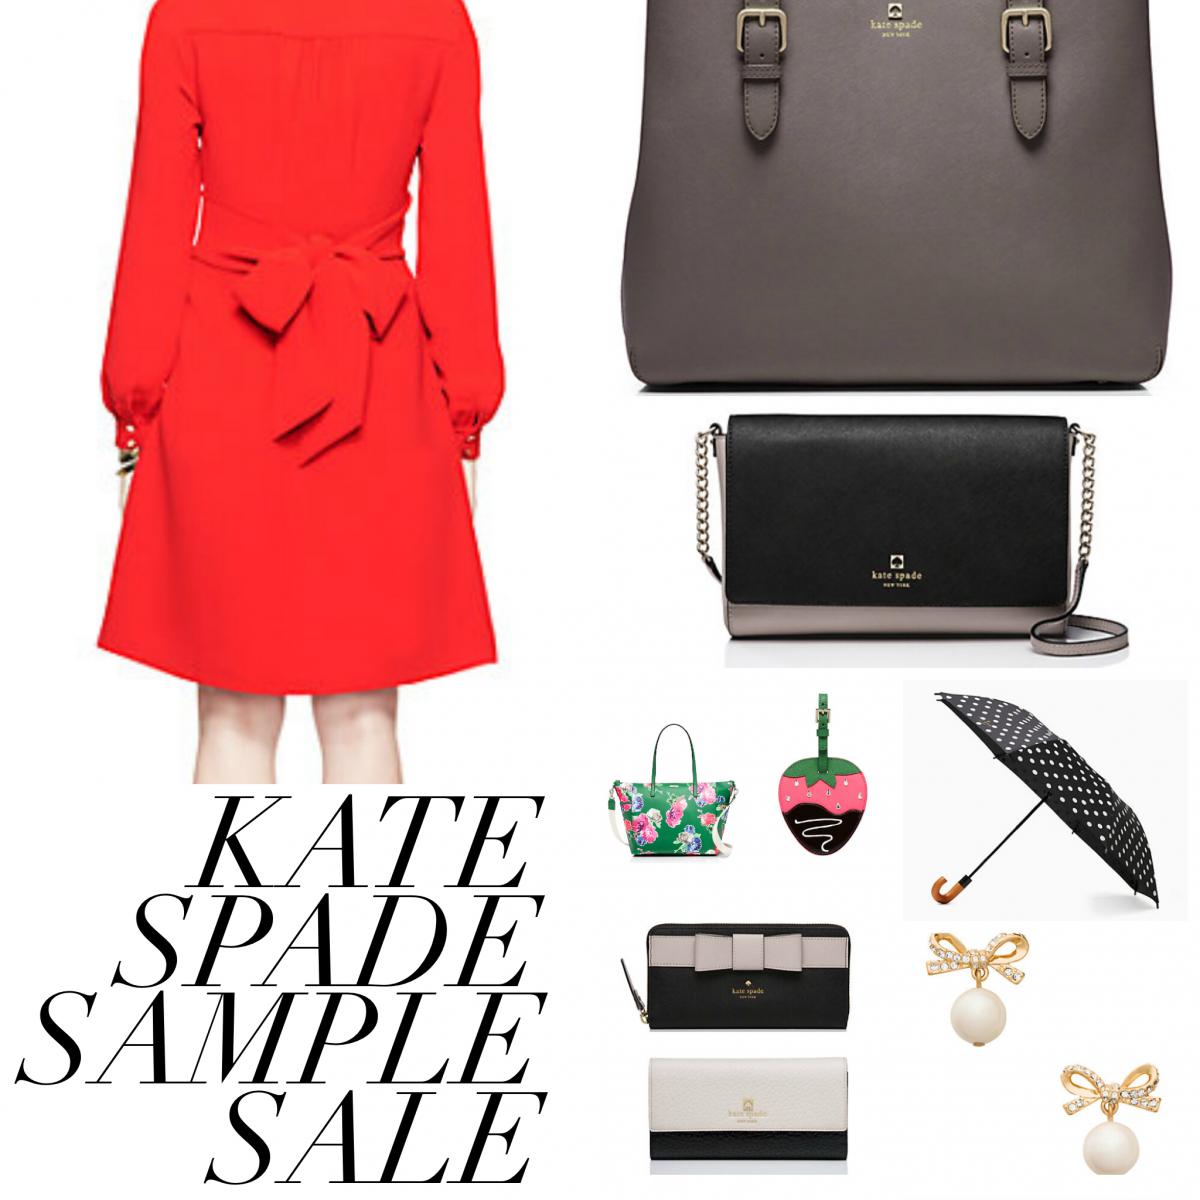 Kate Spade Surprise Sale - Her Heartland Soul